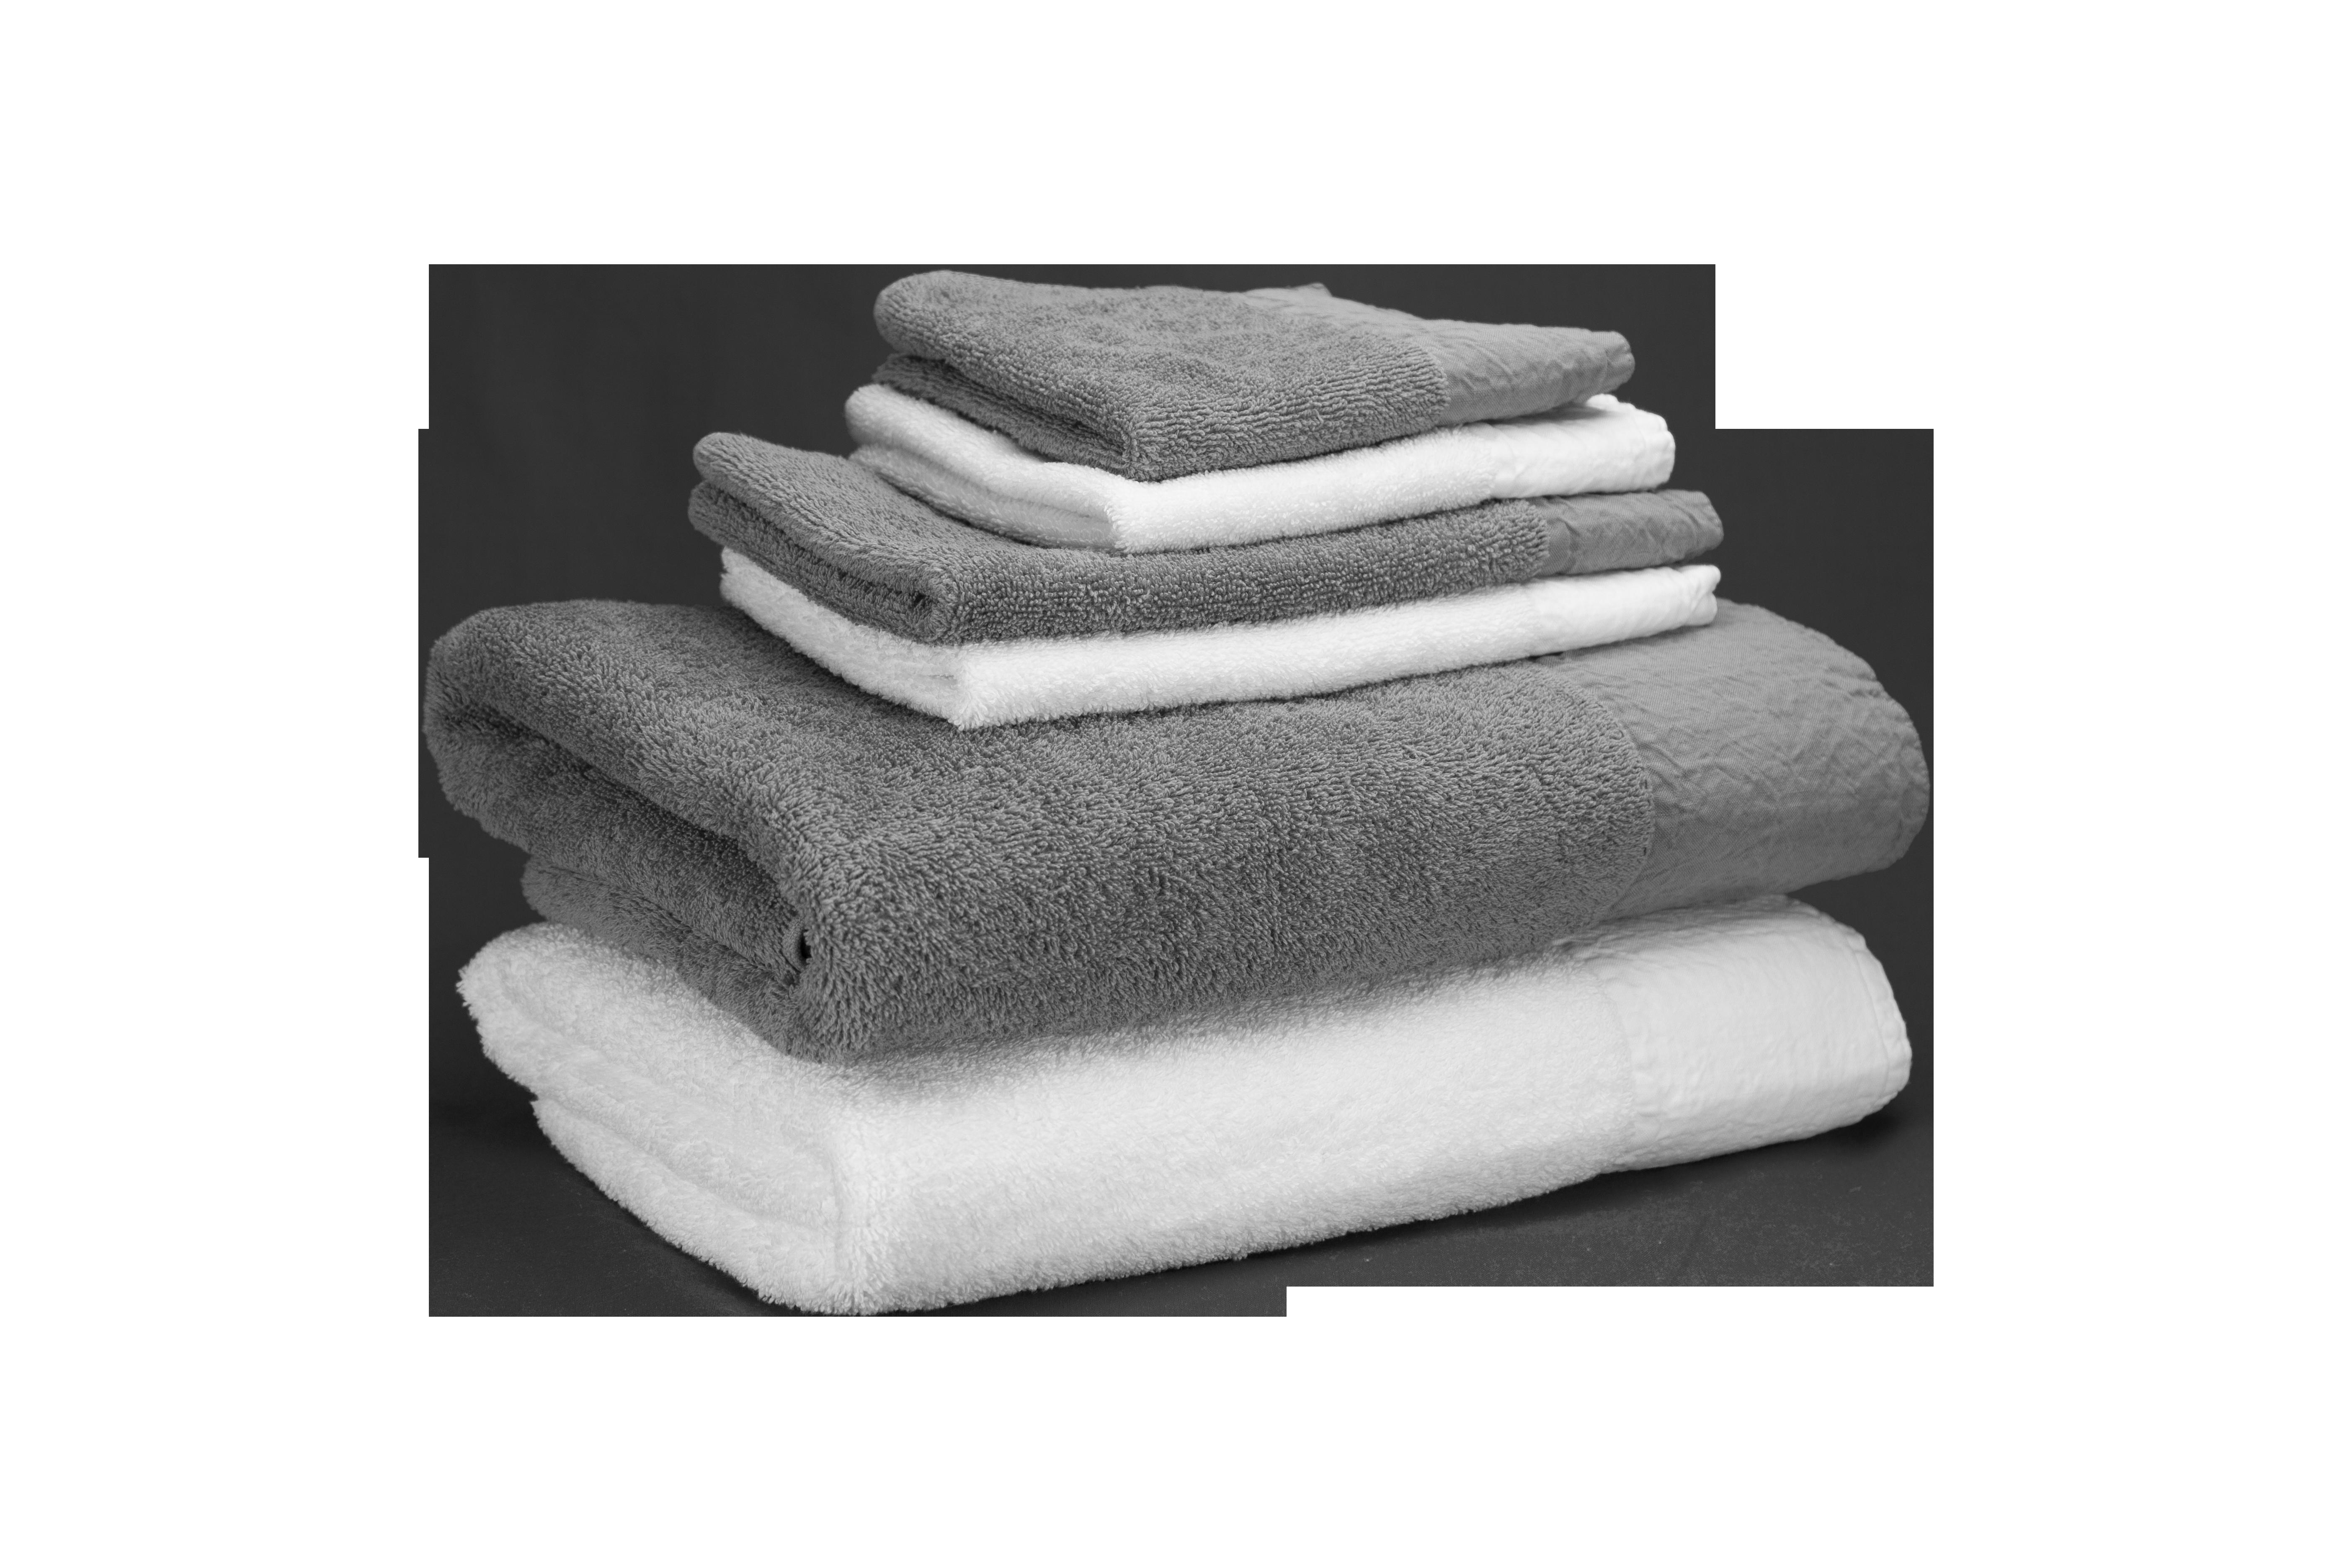 Parma Bath Linen 95% Egyptian Cotton 5 % Linen. Face Cloth 30x30, Finger Towel 30x50, Guest Towel on 50x100, Bath Towels 70x140, Bath Sheet 100x150